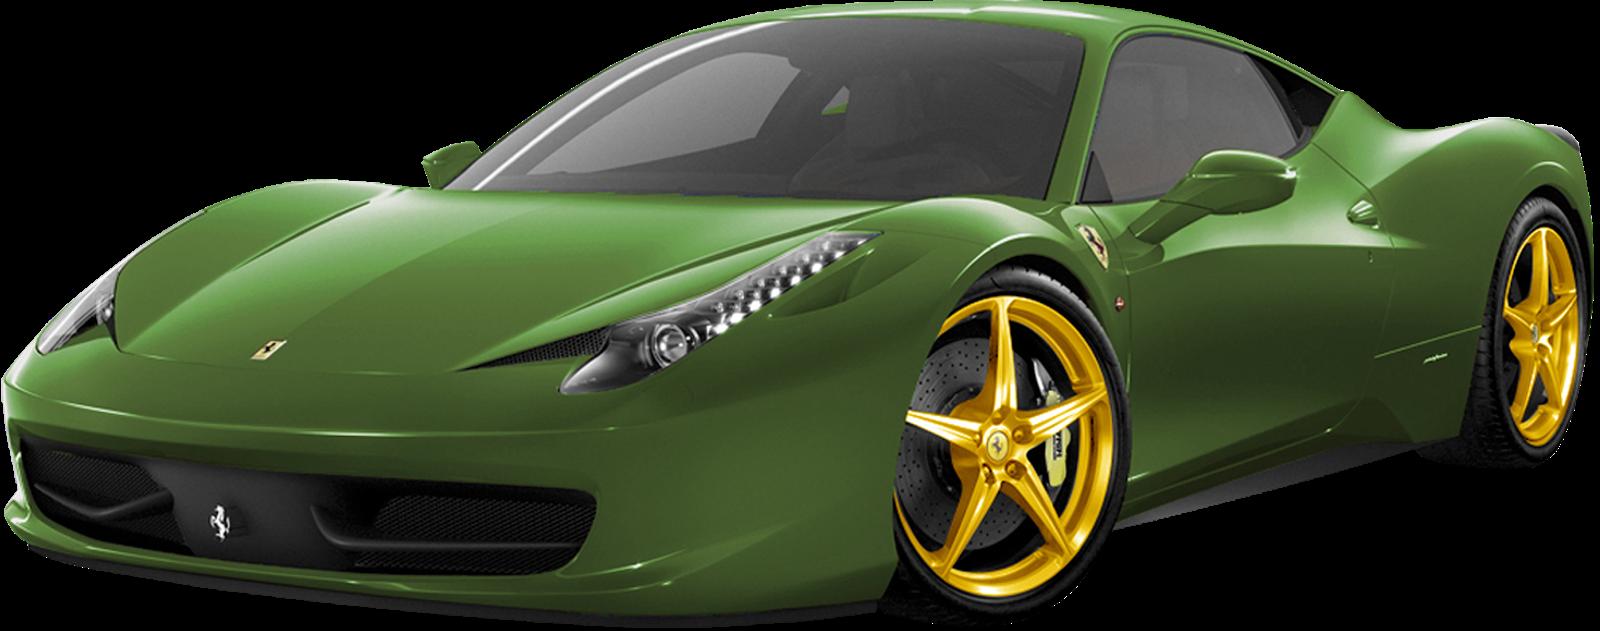 Clipart car sport. Ferrari png image purepng